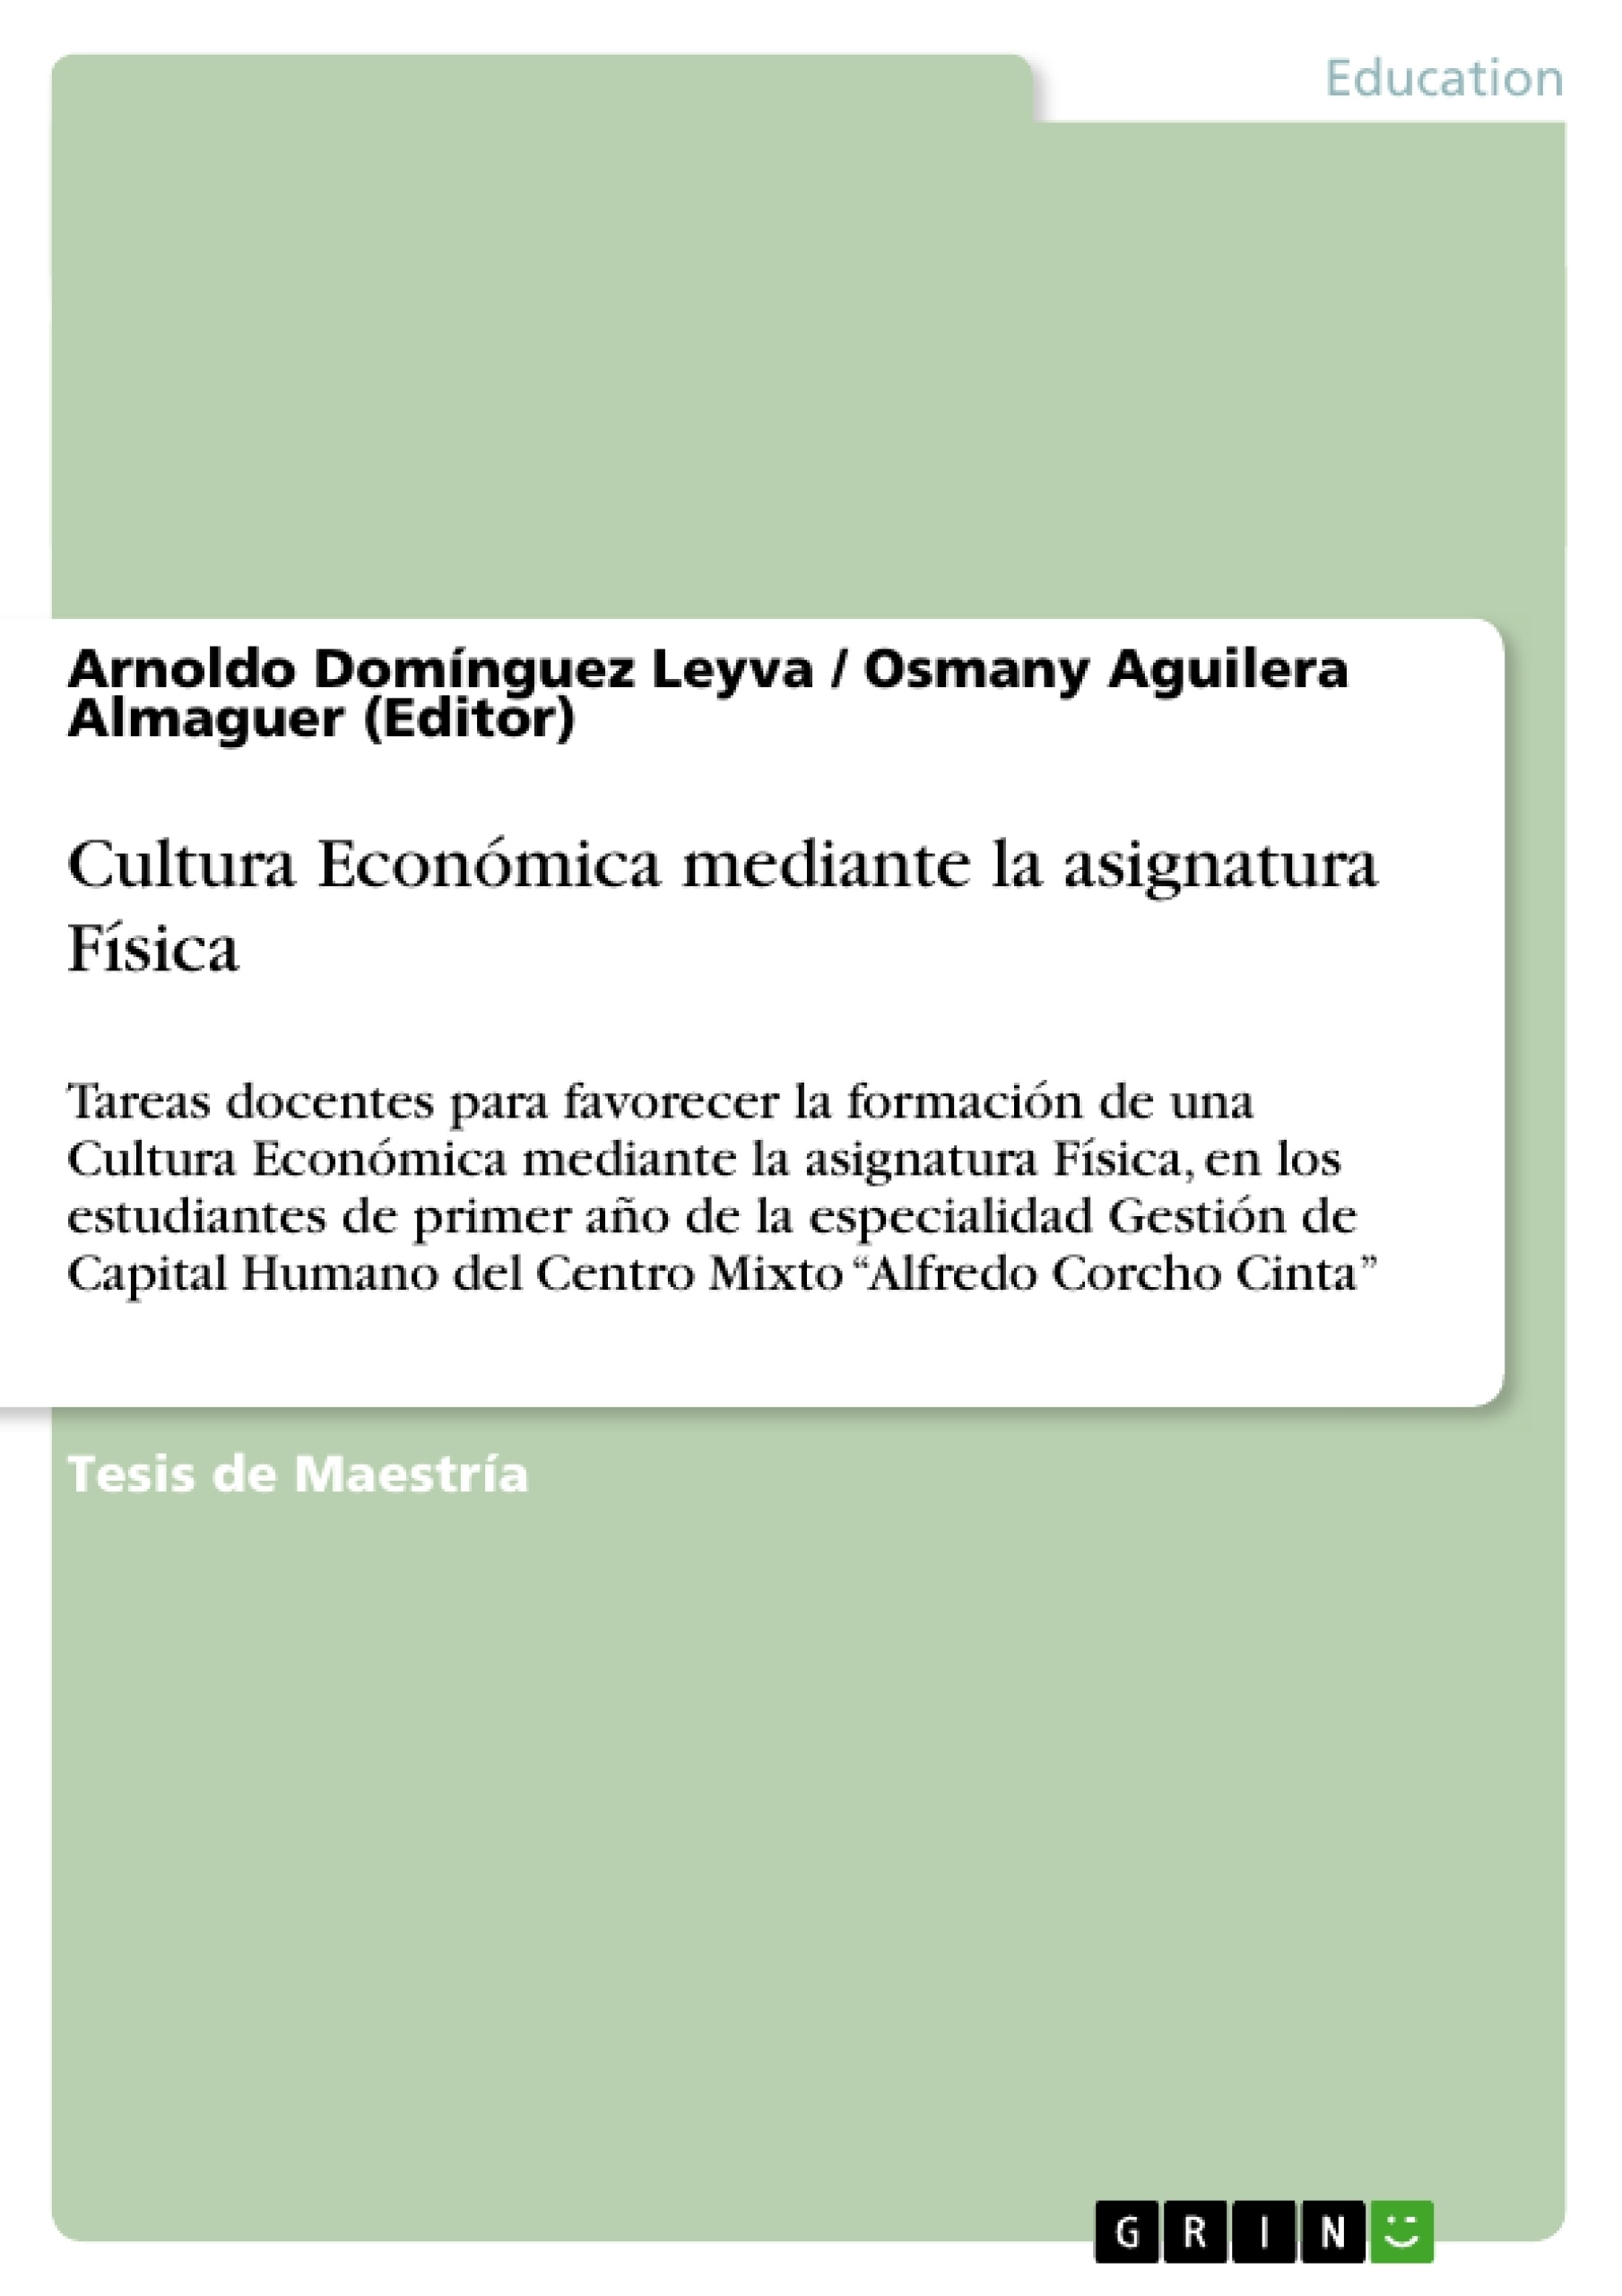 Título: Cultura Económica mediante la asignatura Física